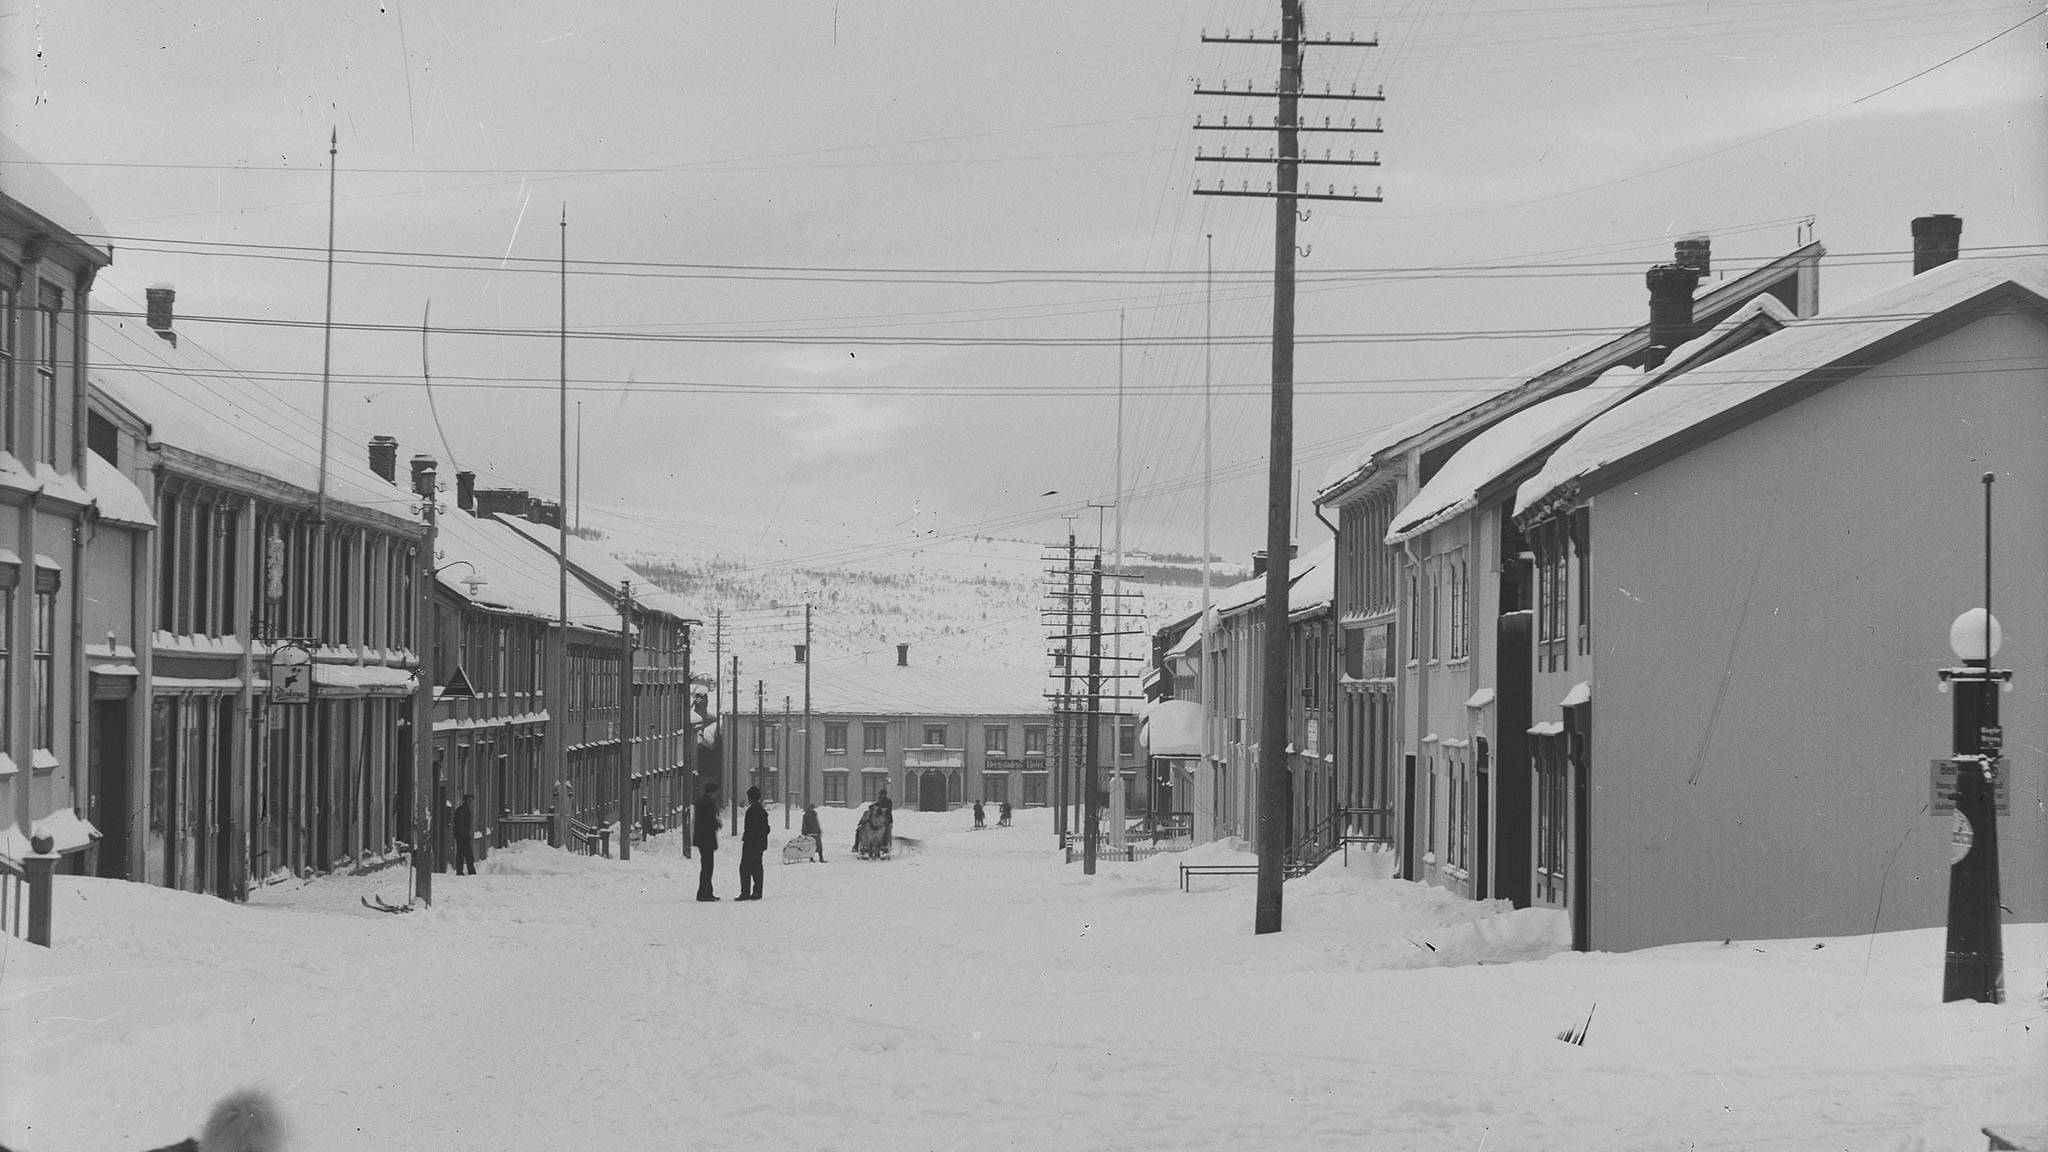 Storgata etter 1925 med datidas belysning, kølbuelamper og telefonstolper. Foto: Iver Olsen / Rørosmuseet